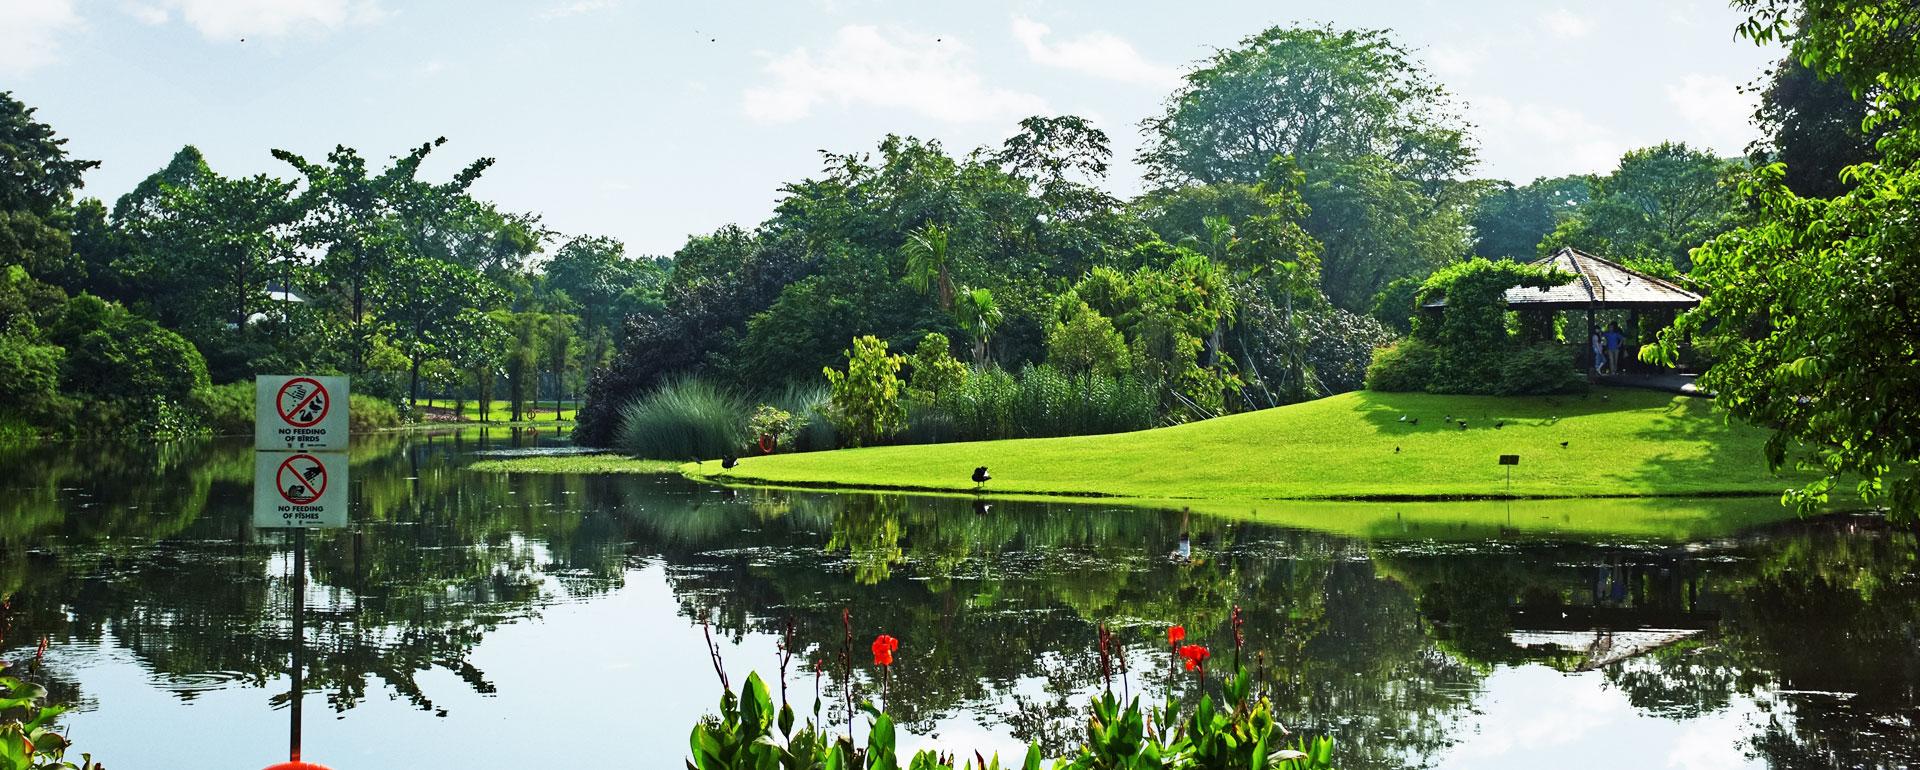 Landscape Contractor Singapore | Landscaping Services - BSG Landscape u0026 Construction